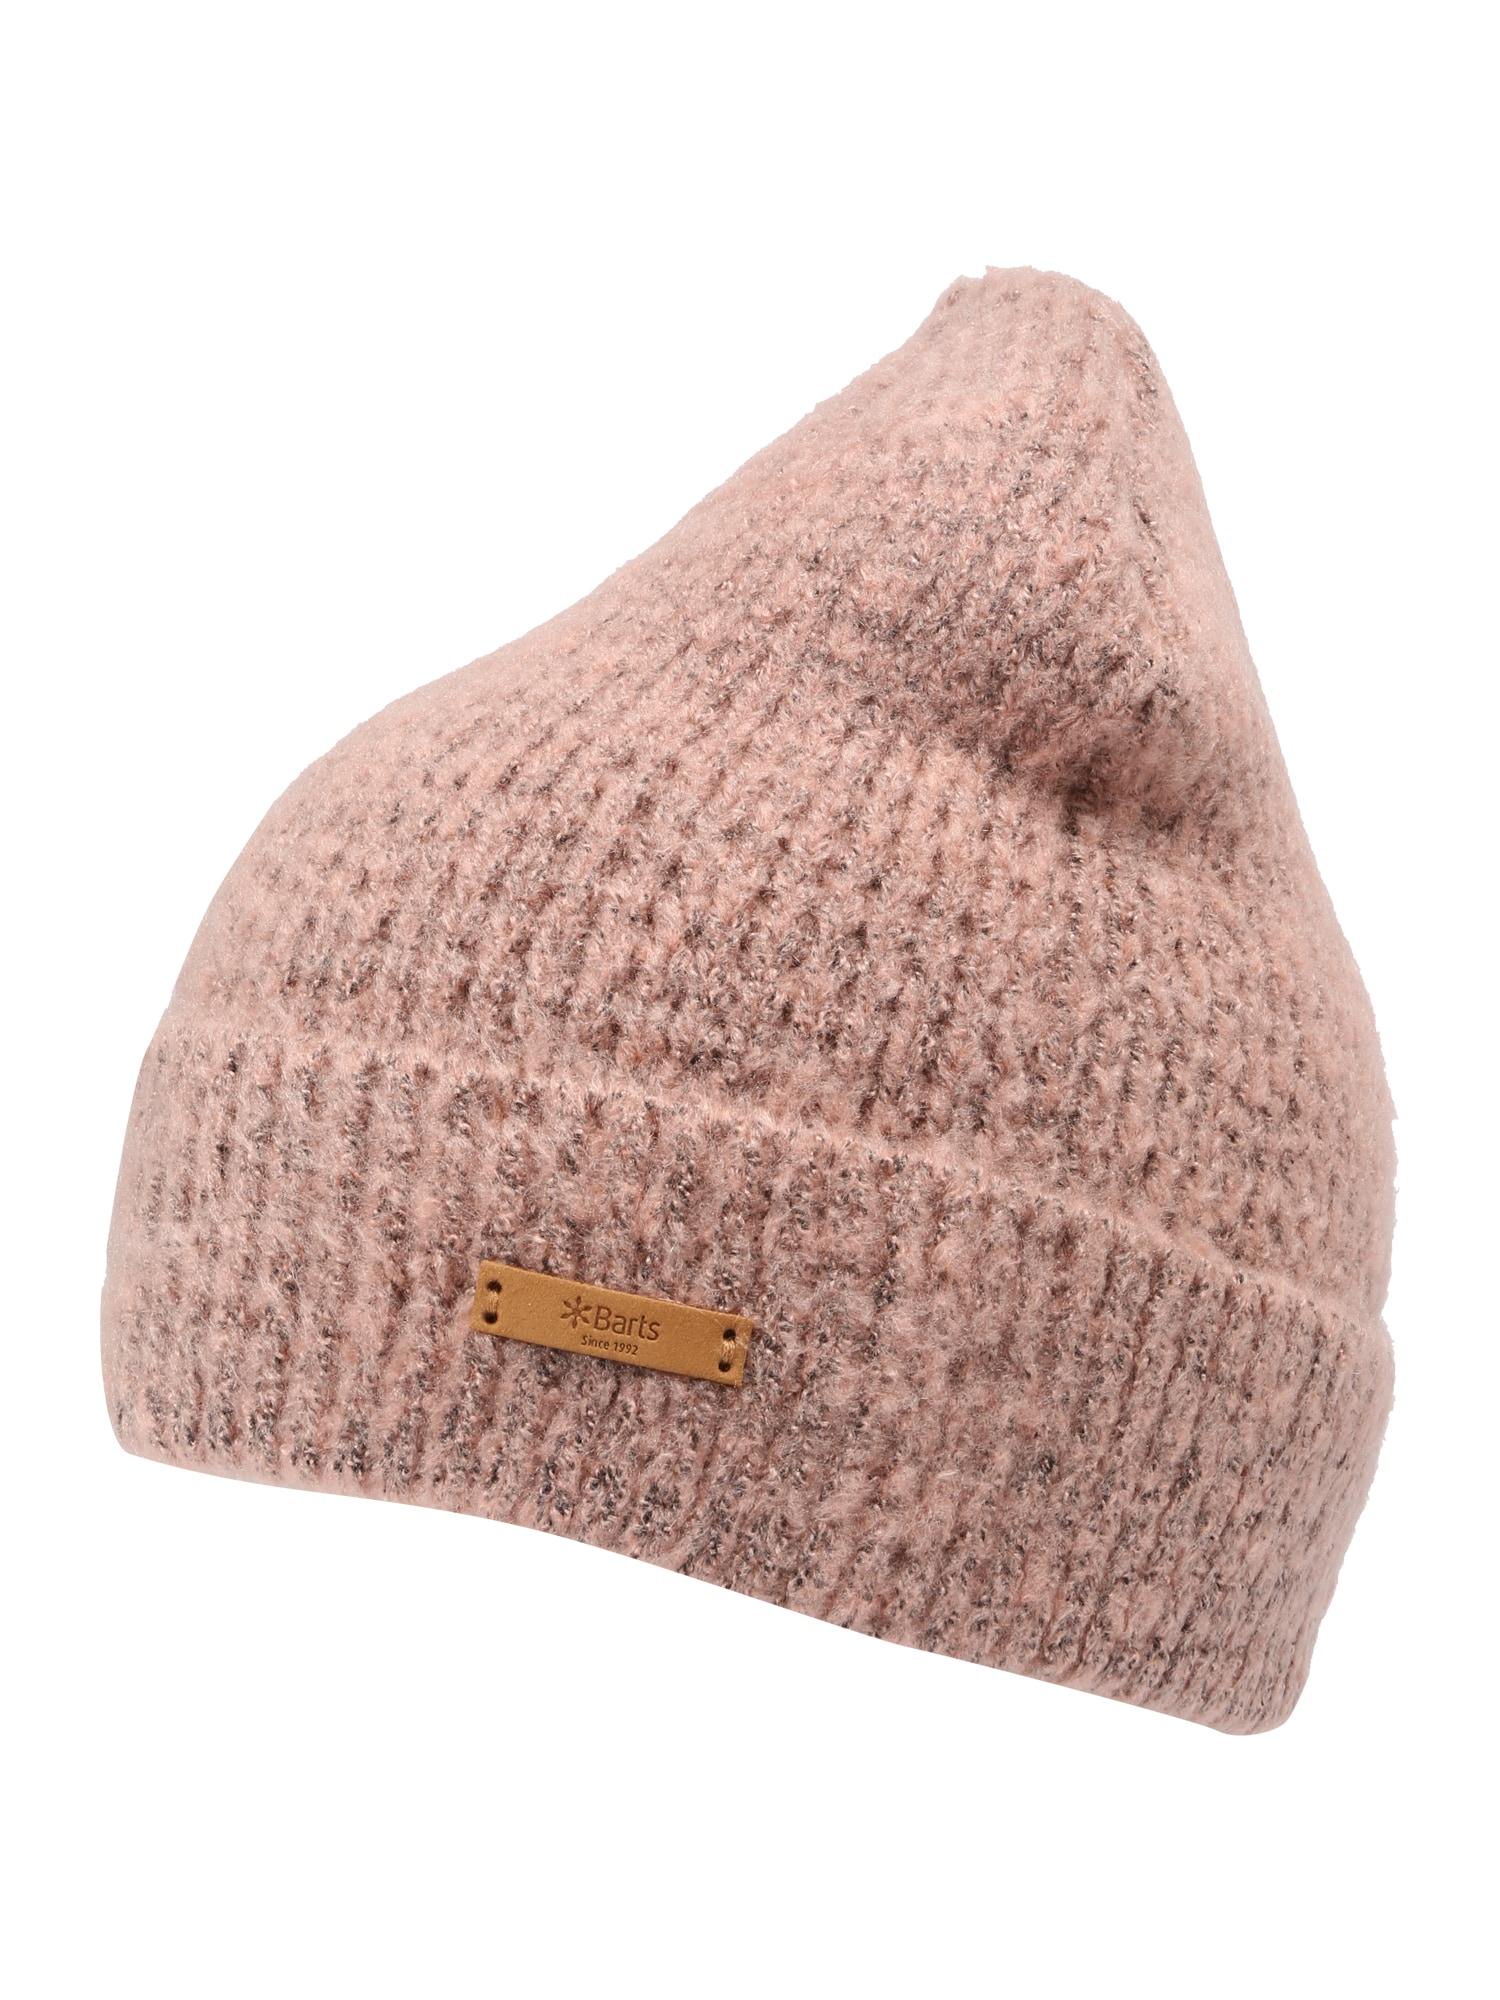 Čepice Lennon růžová Barts